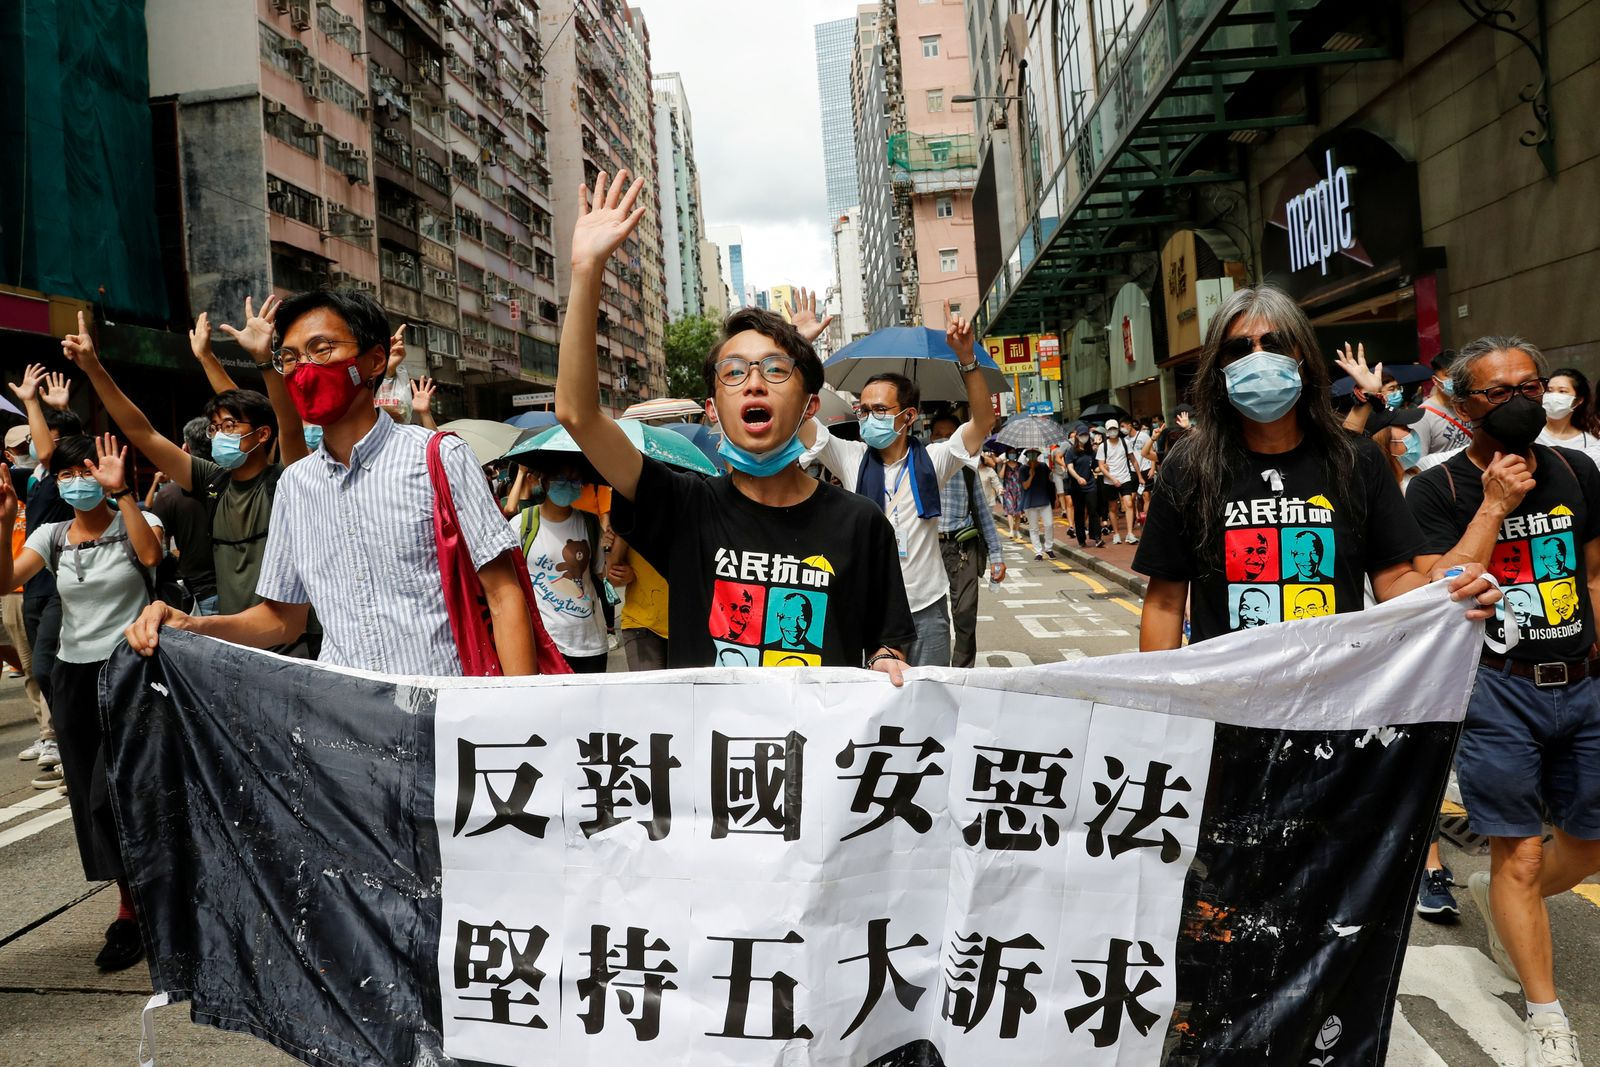 Pan-democratic legislator Eddie Chu Hoi-dick, Vice convener for Hong Kong's Civil Human Rights Front Figo Chan and activist Leung Kwok-hung march at the anniversary of Hong Kong's handover to China from Britain, in Hong Kong